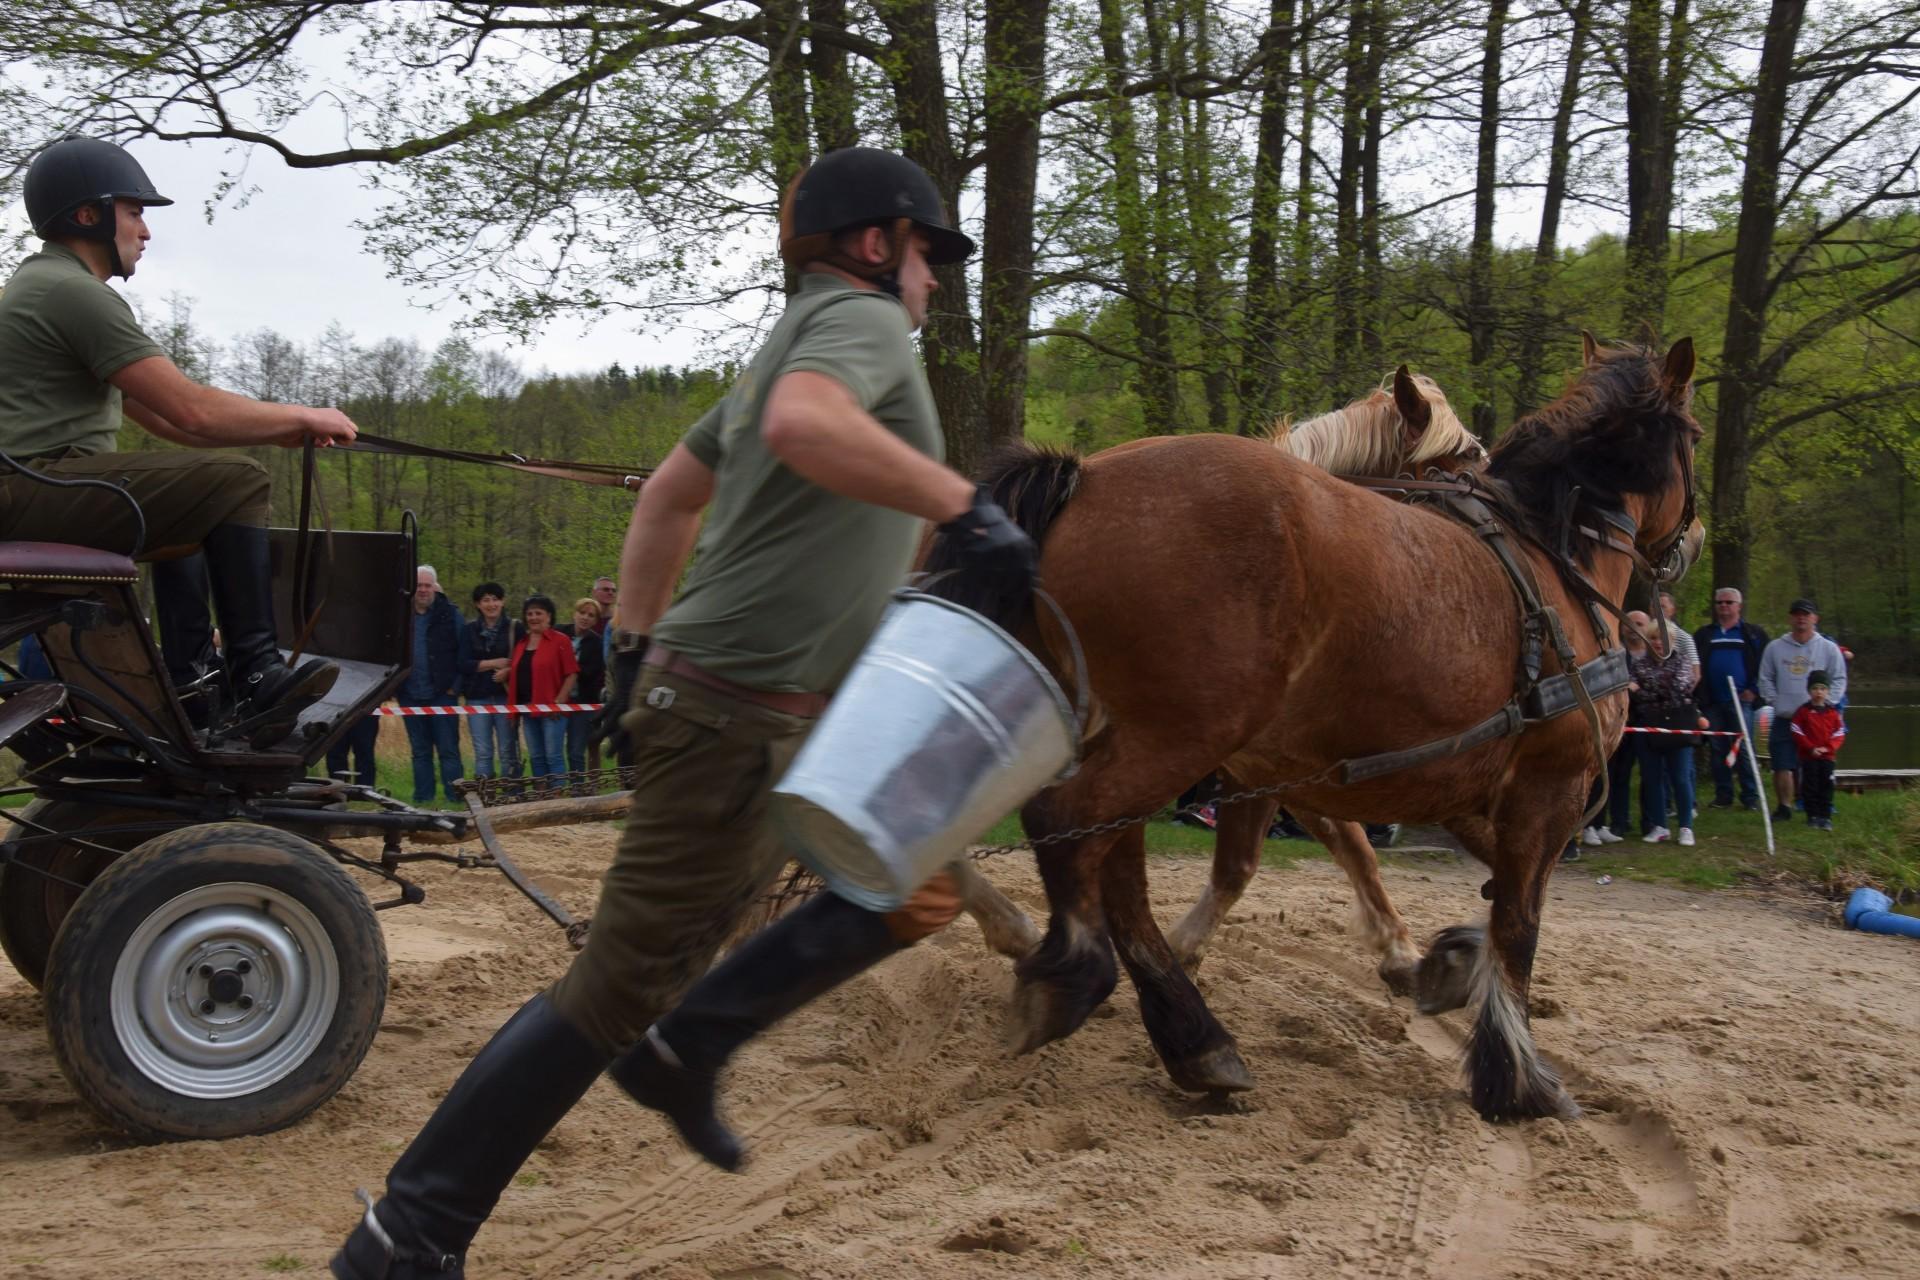 Konie, Kaszuby, Wiśta wio! Zawody w Ostrzycach [FOTOREPORTAŻ] 5